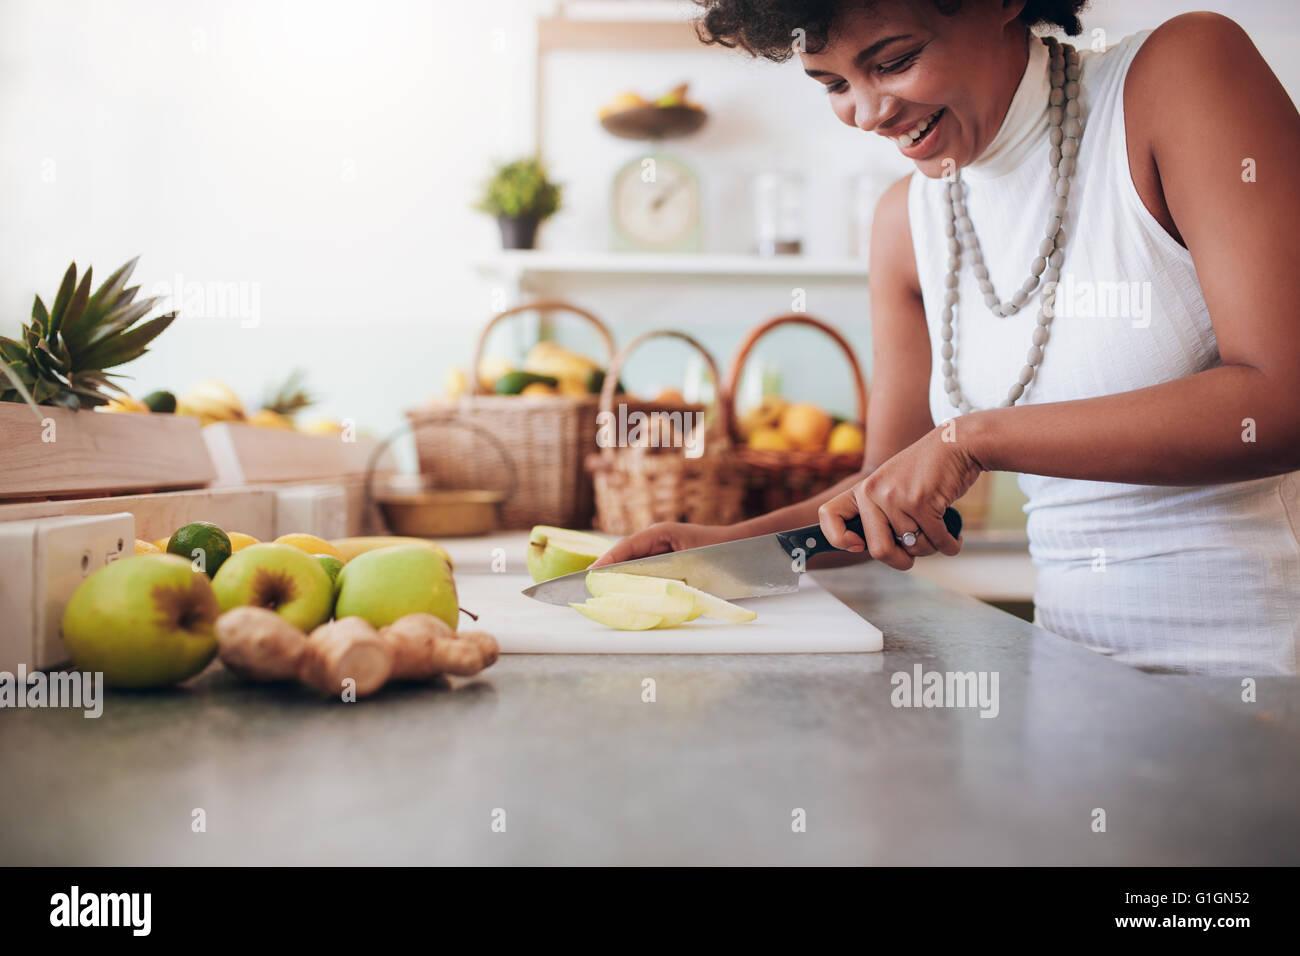 Attraente giovane donna sminuzzare frutta fresca per frullato. Lavoro femminile al bar dei succhi. Immagini Stock